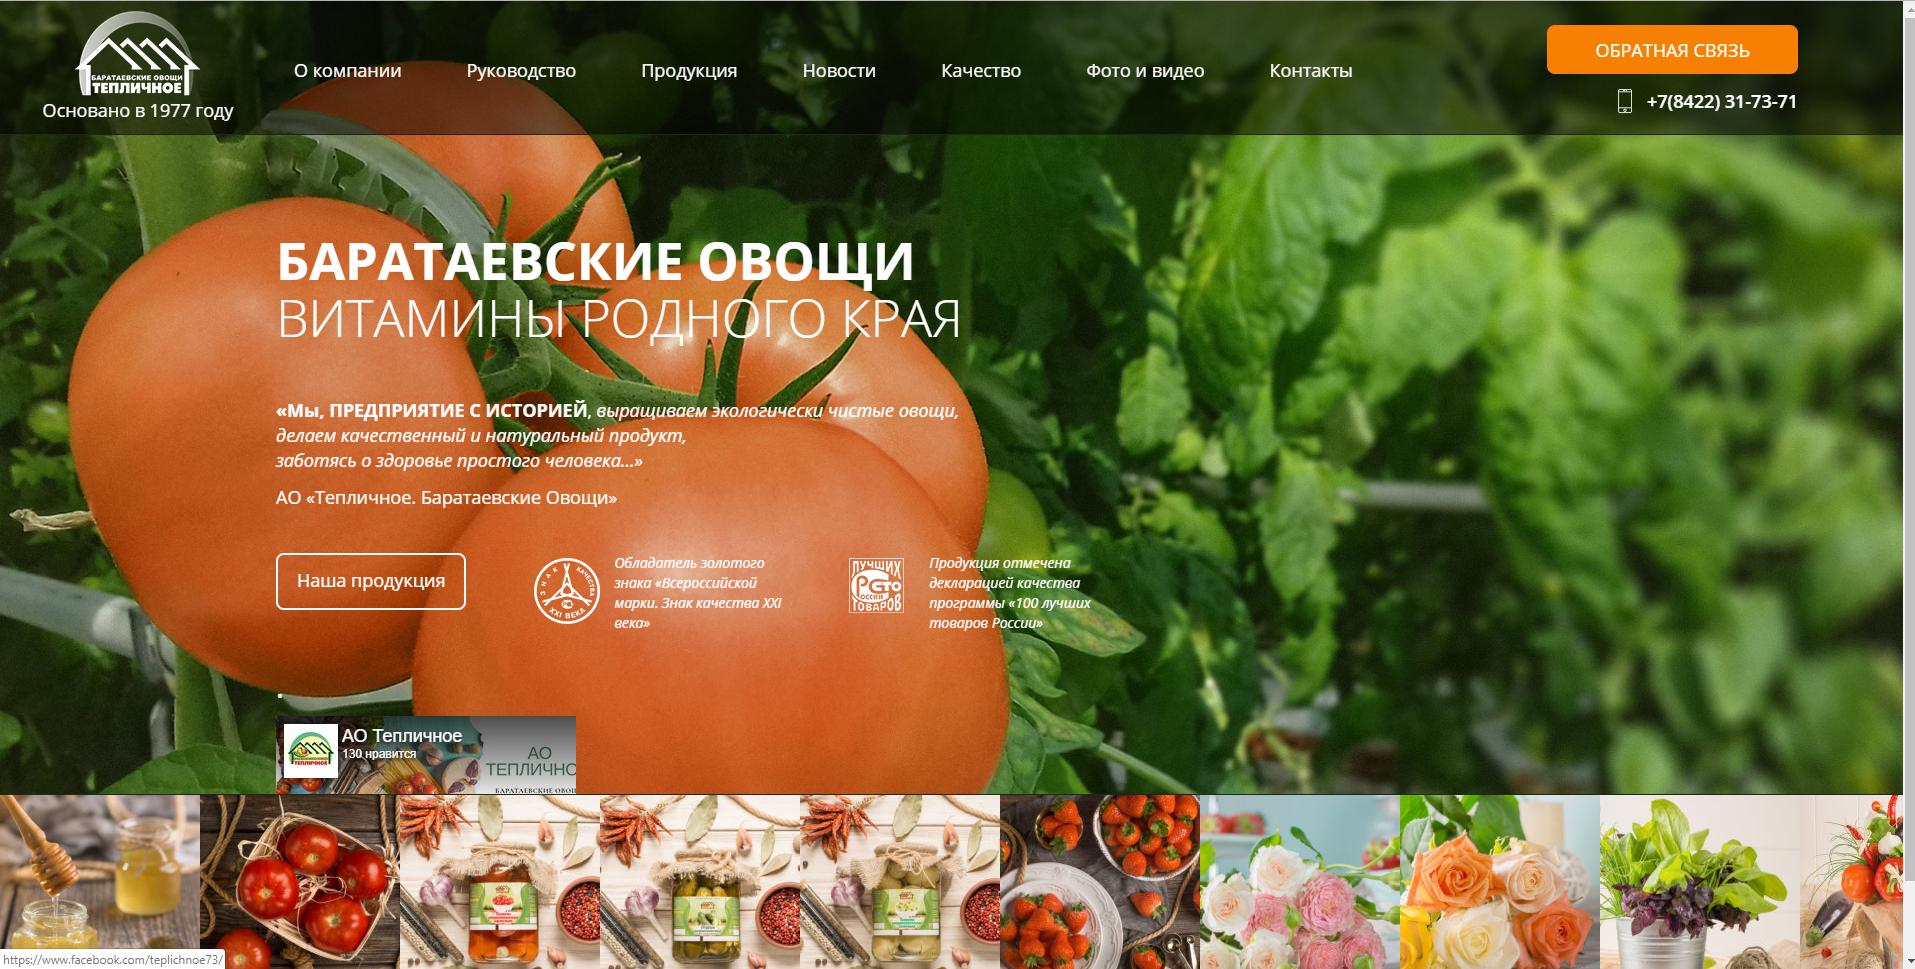 АО Тепличное - корпоративный сайт для предприятия